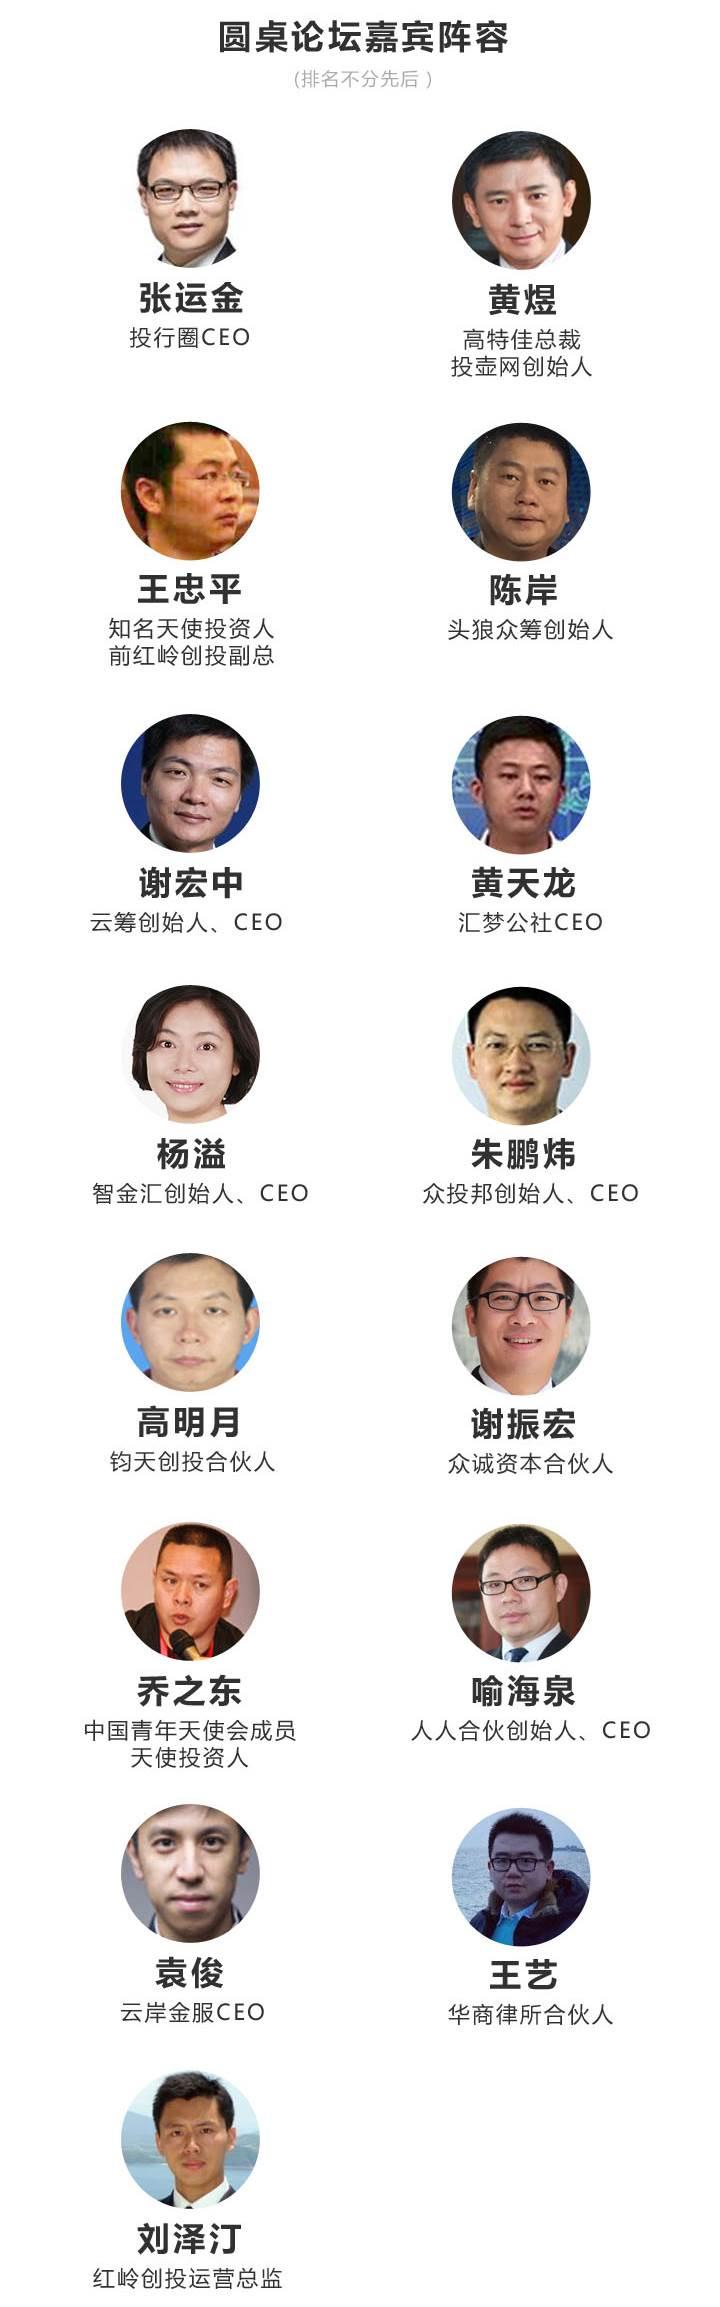 2015中国互联网股权投资发展高峰论坛